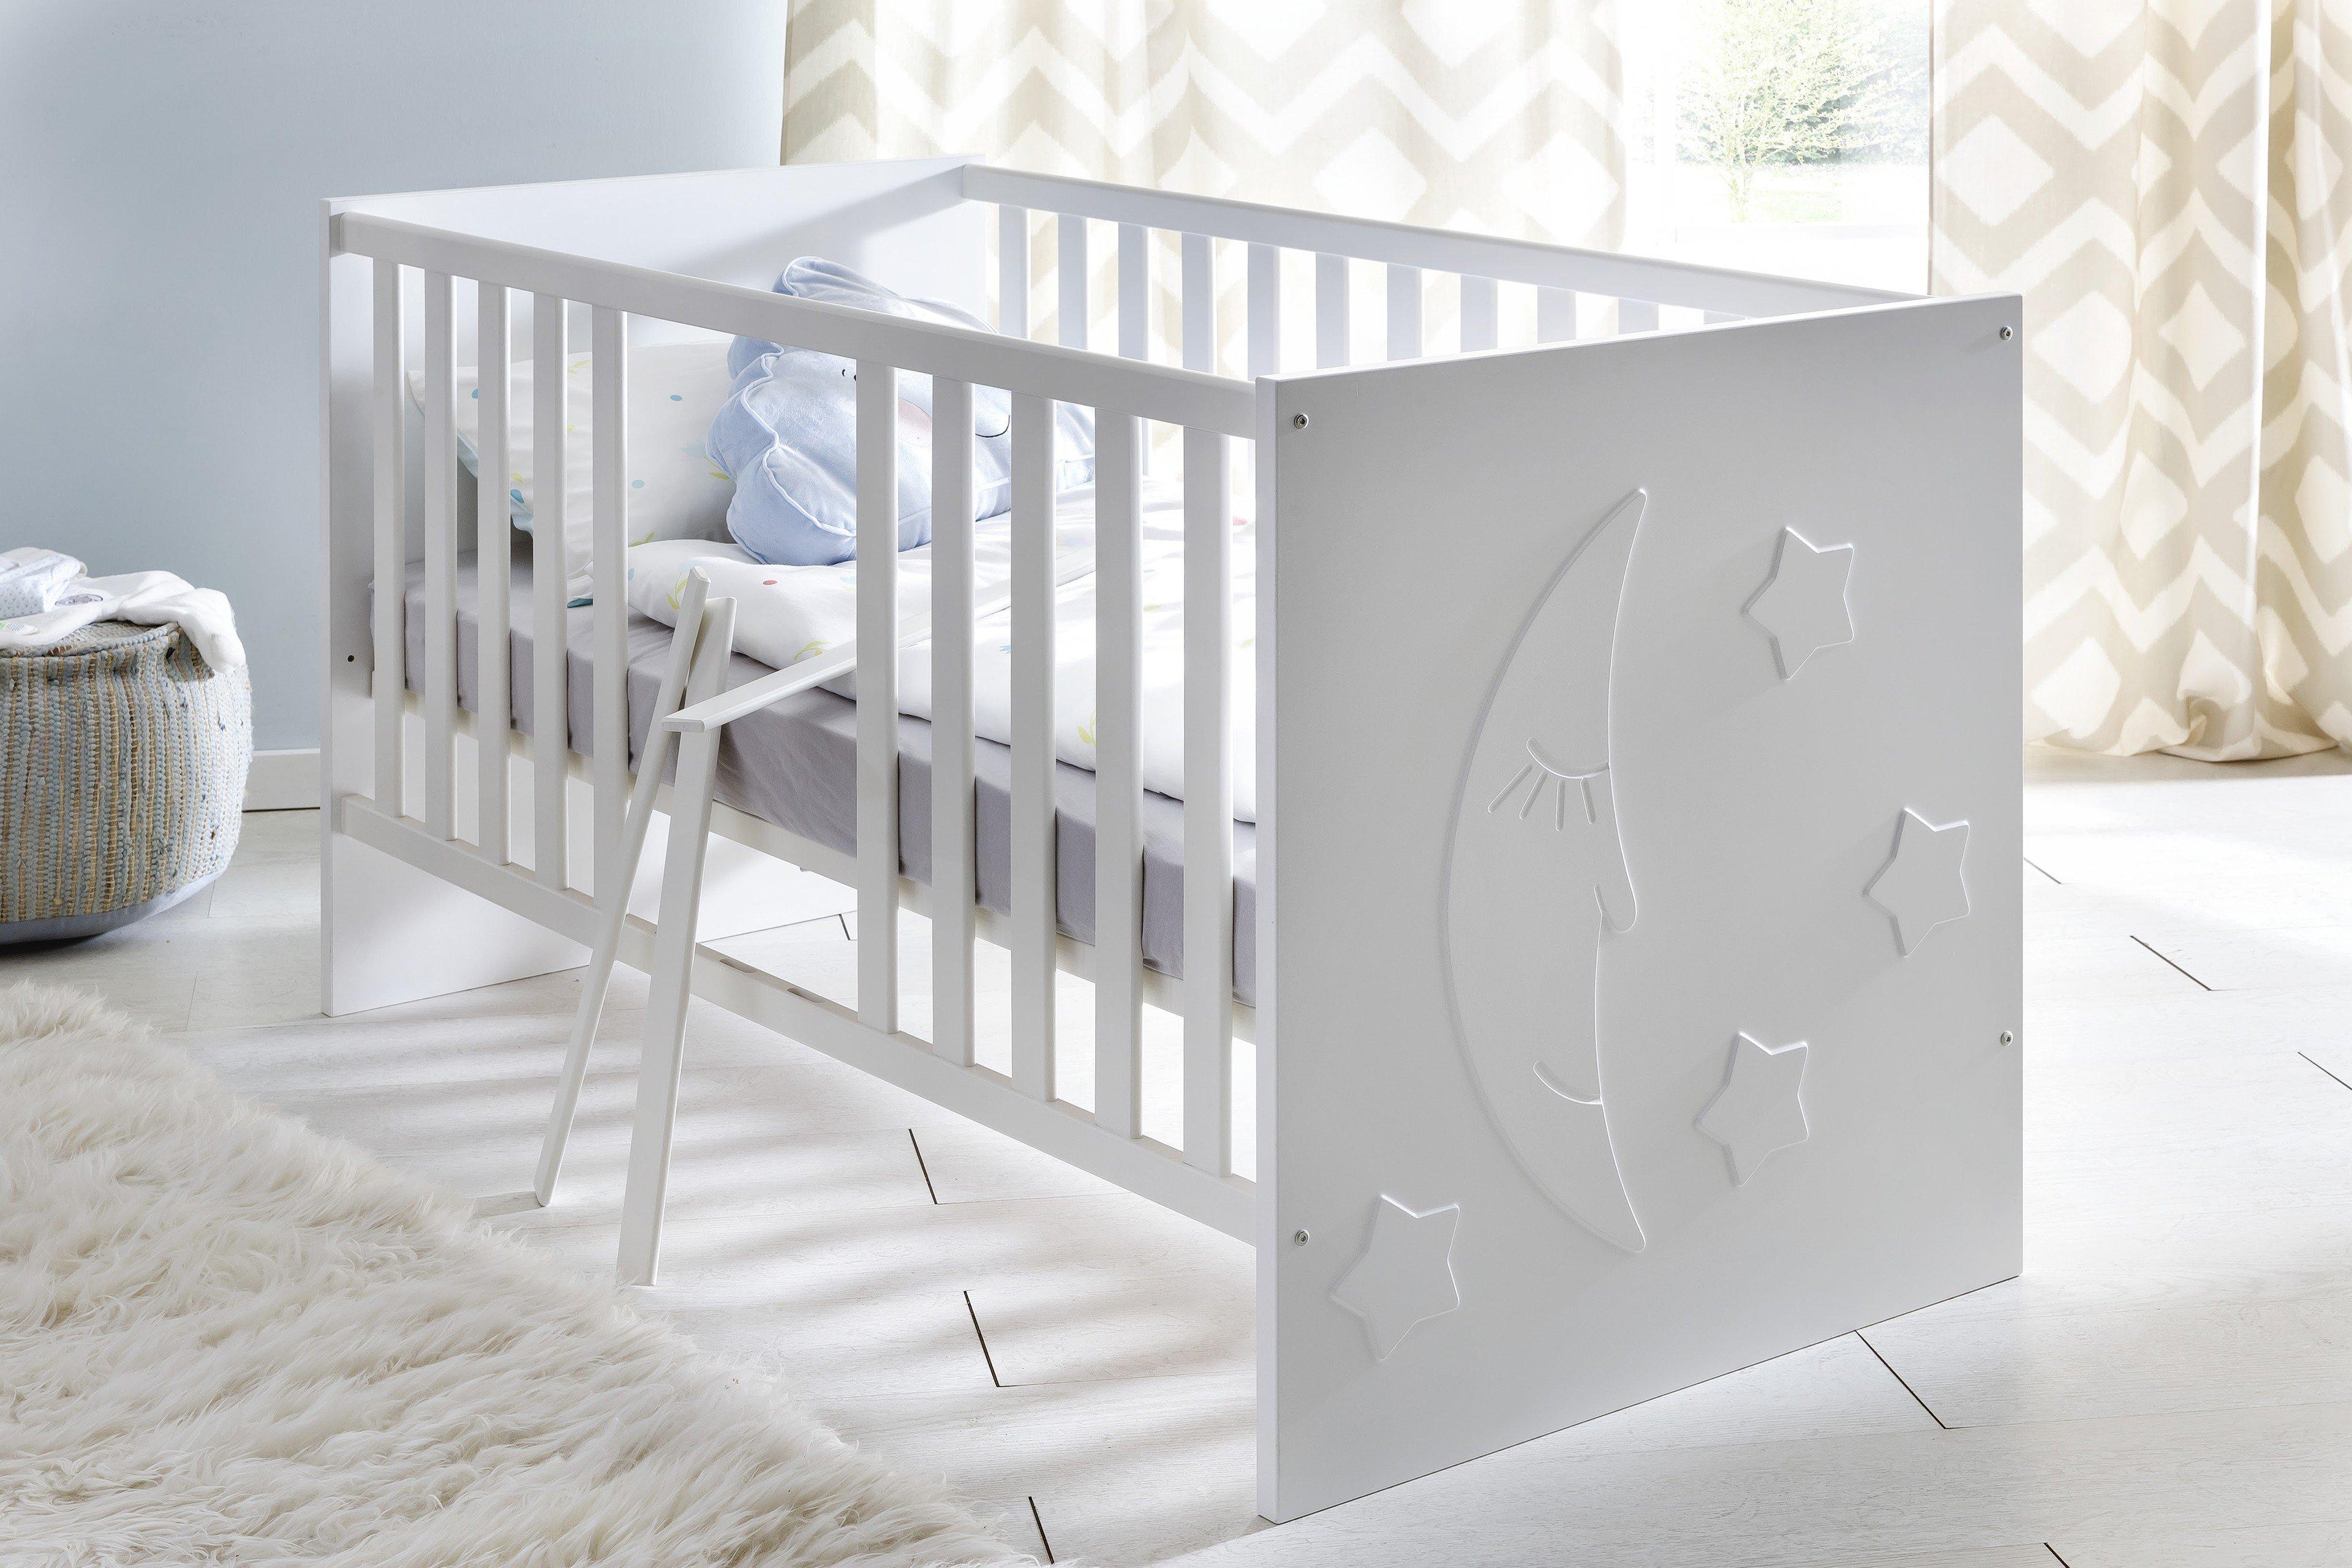 stars kinderbett von trendteam wei m bel letz ihr online shop. Black Bedroom Furniture Sets. Home Design Ideas